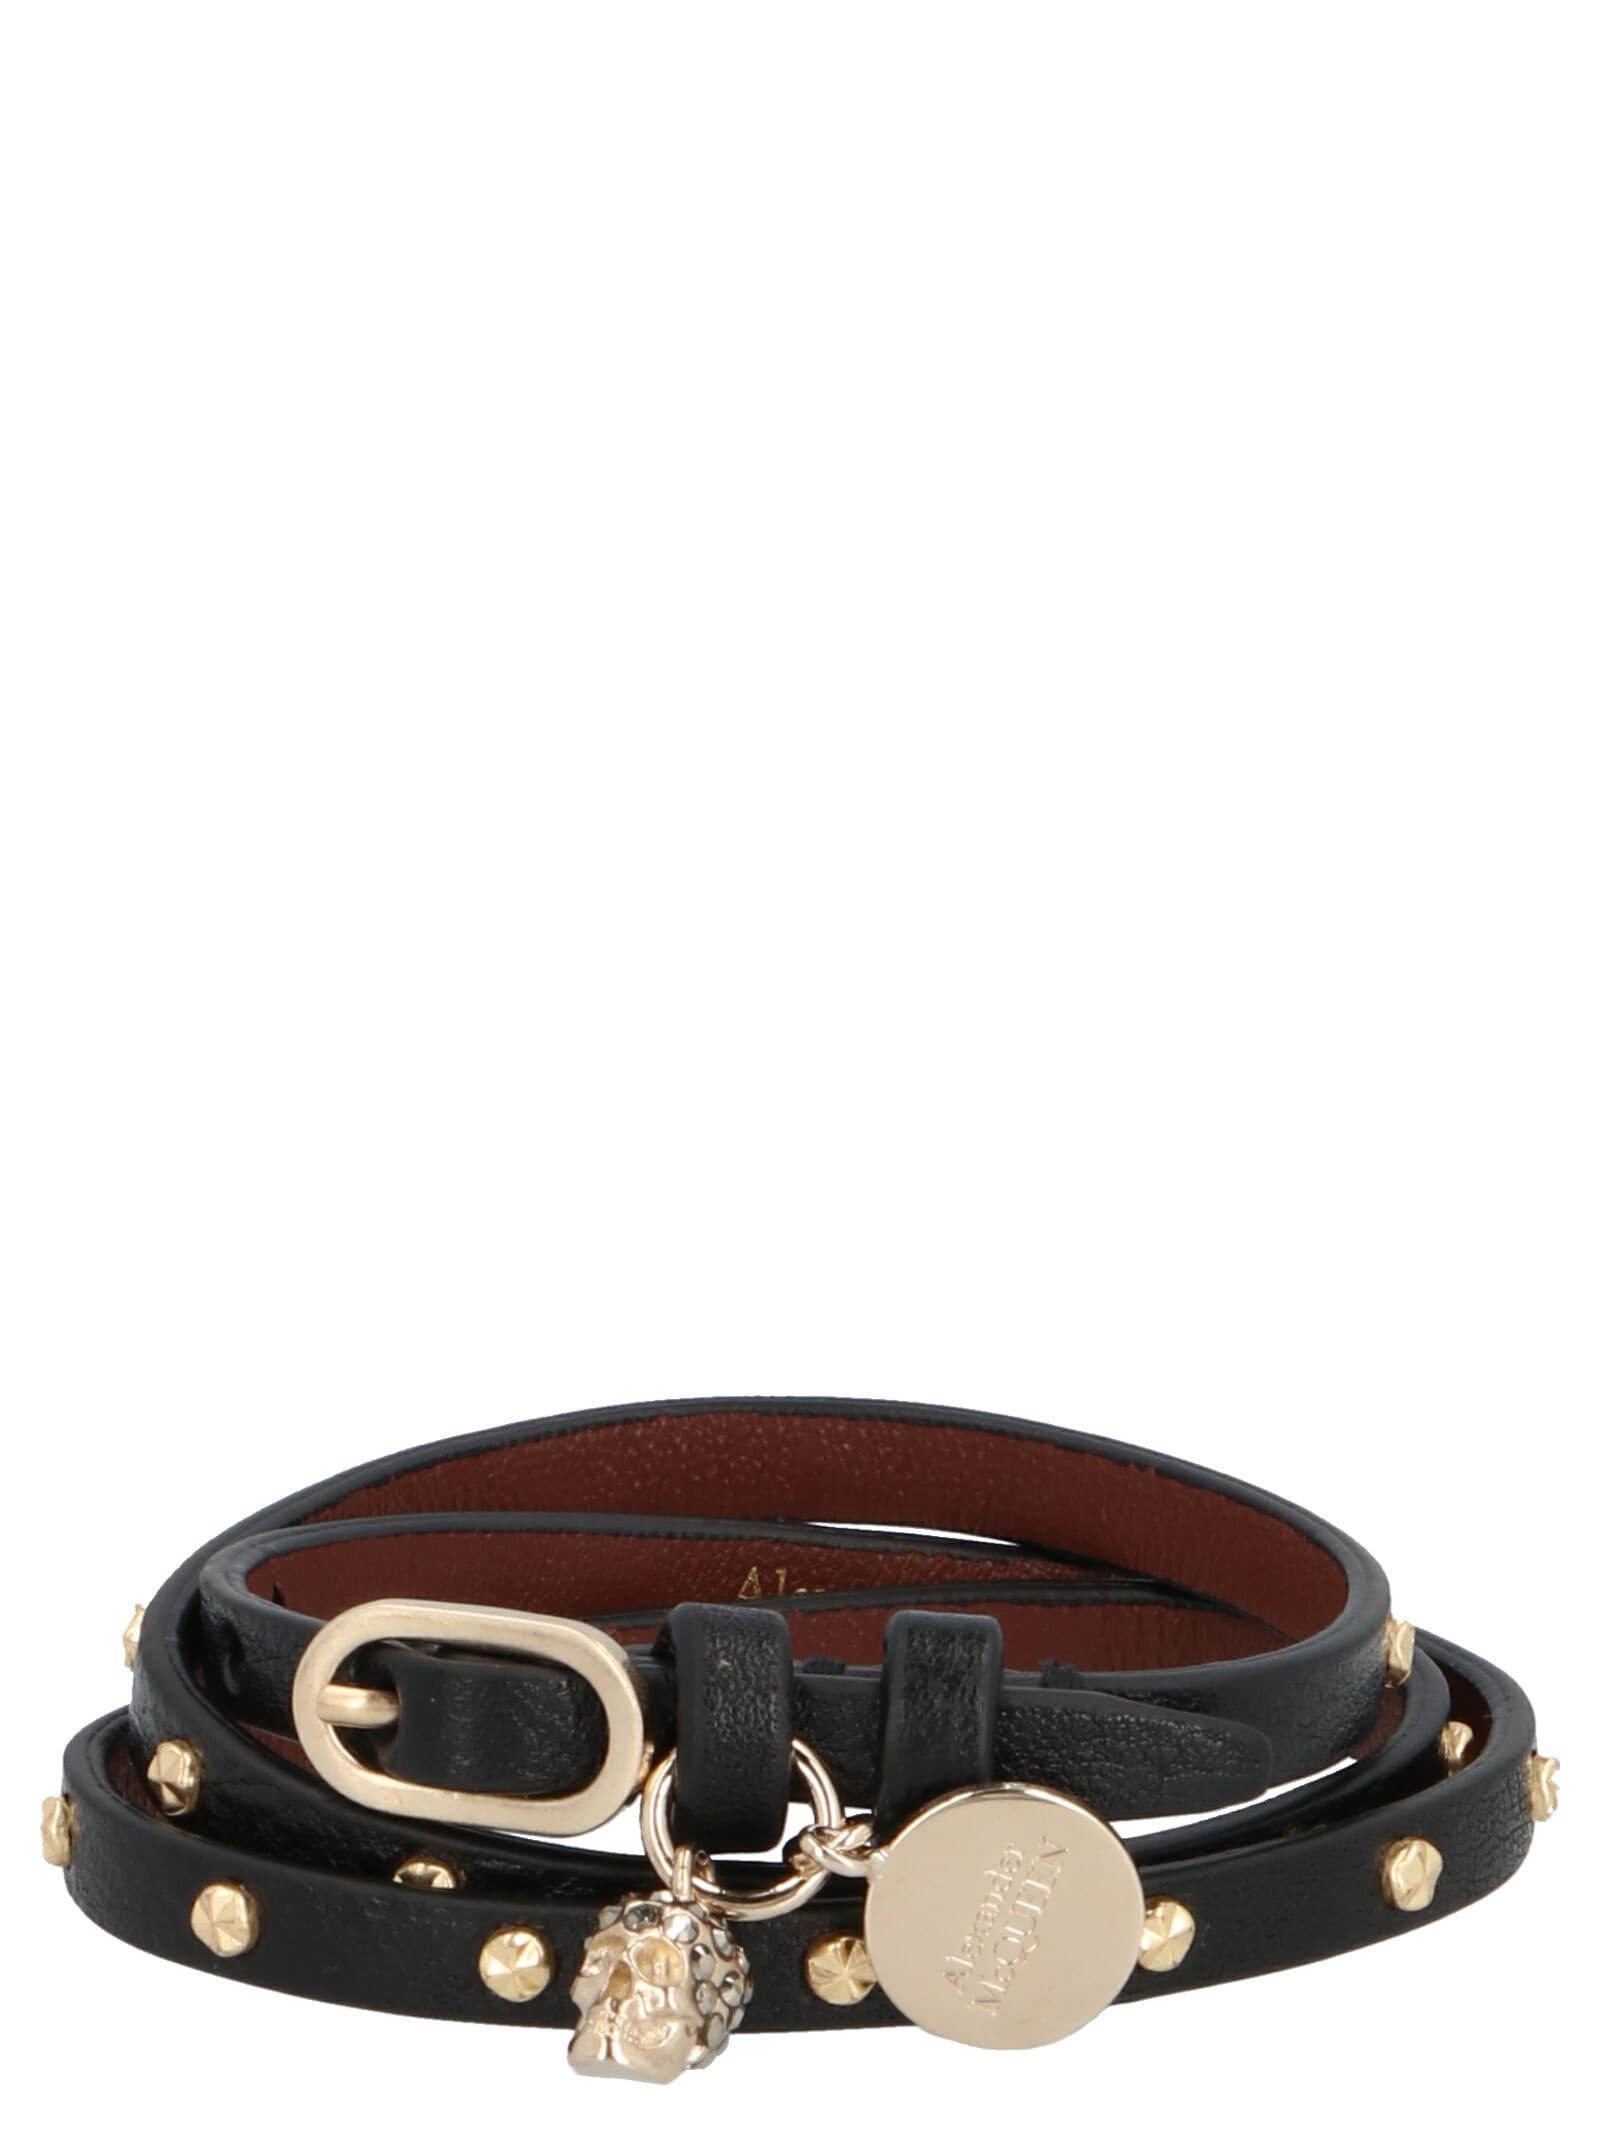 Alexander McQueen double Studs Wrap Bracelet